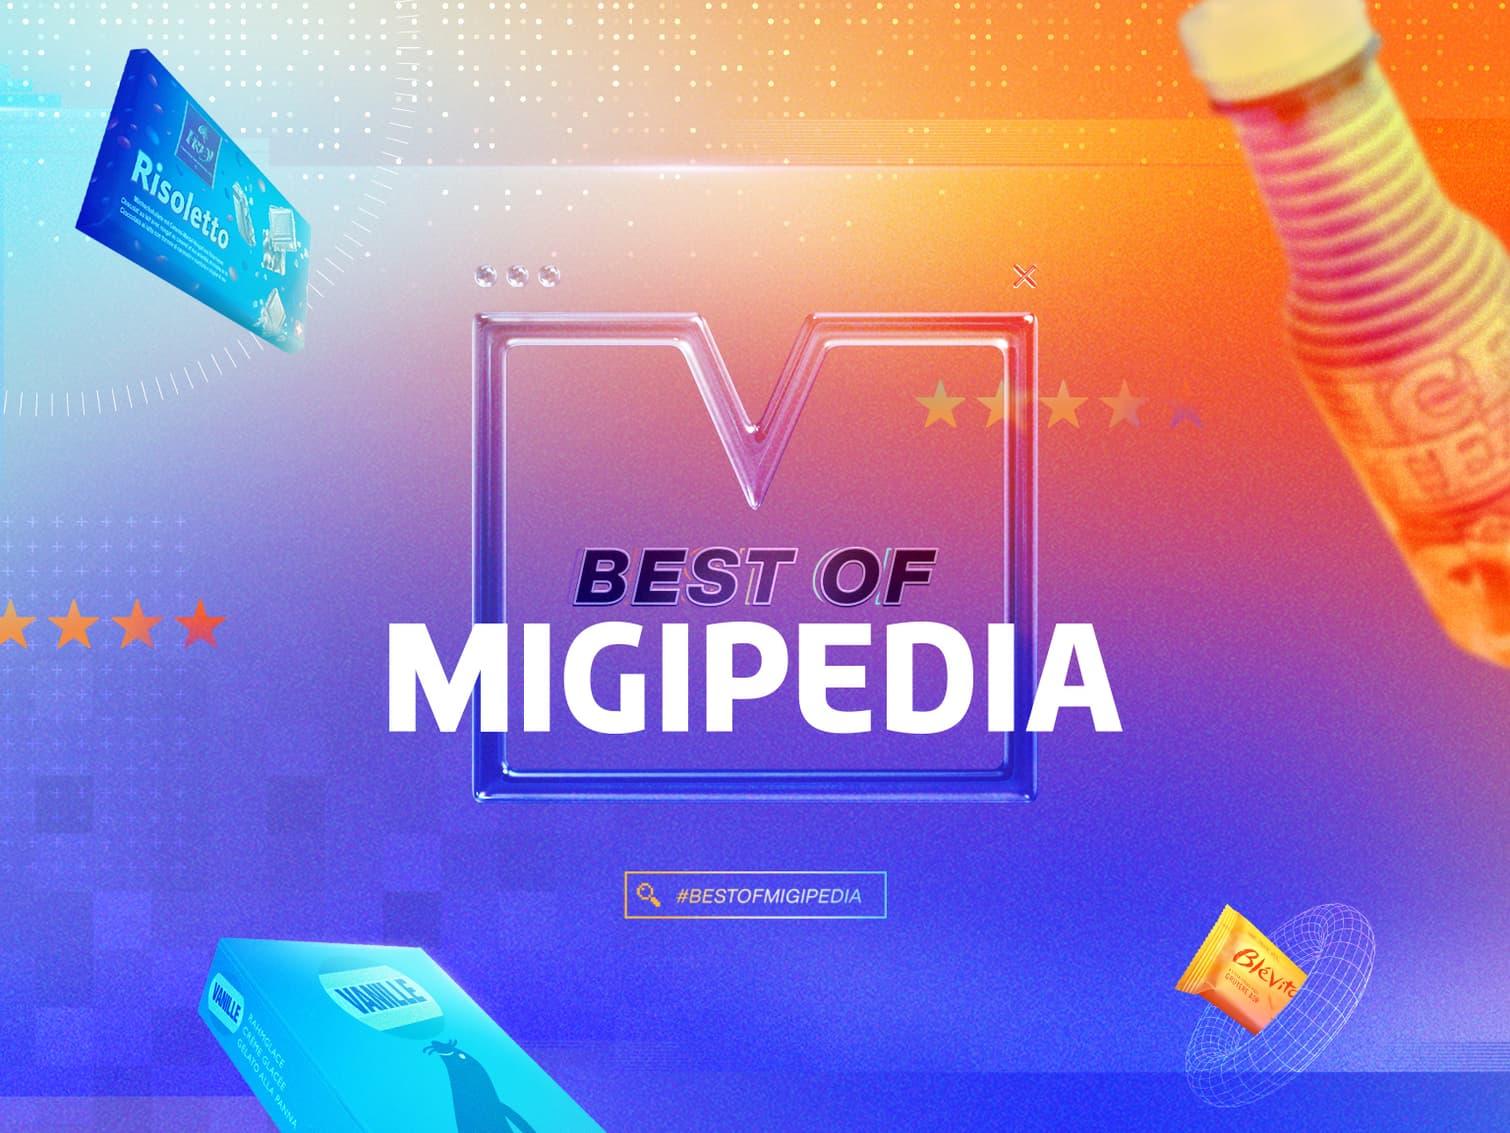 Bild zur Best of Migipedia Kampagne